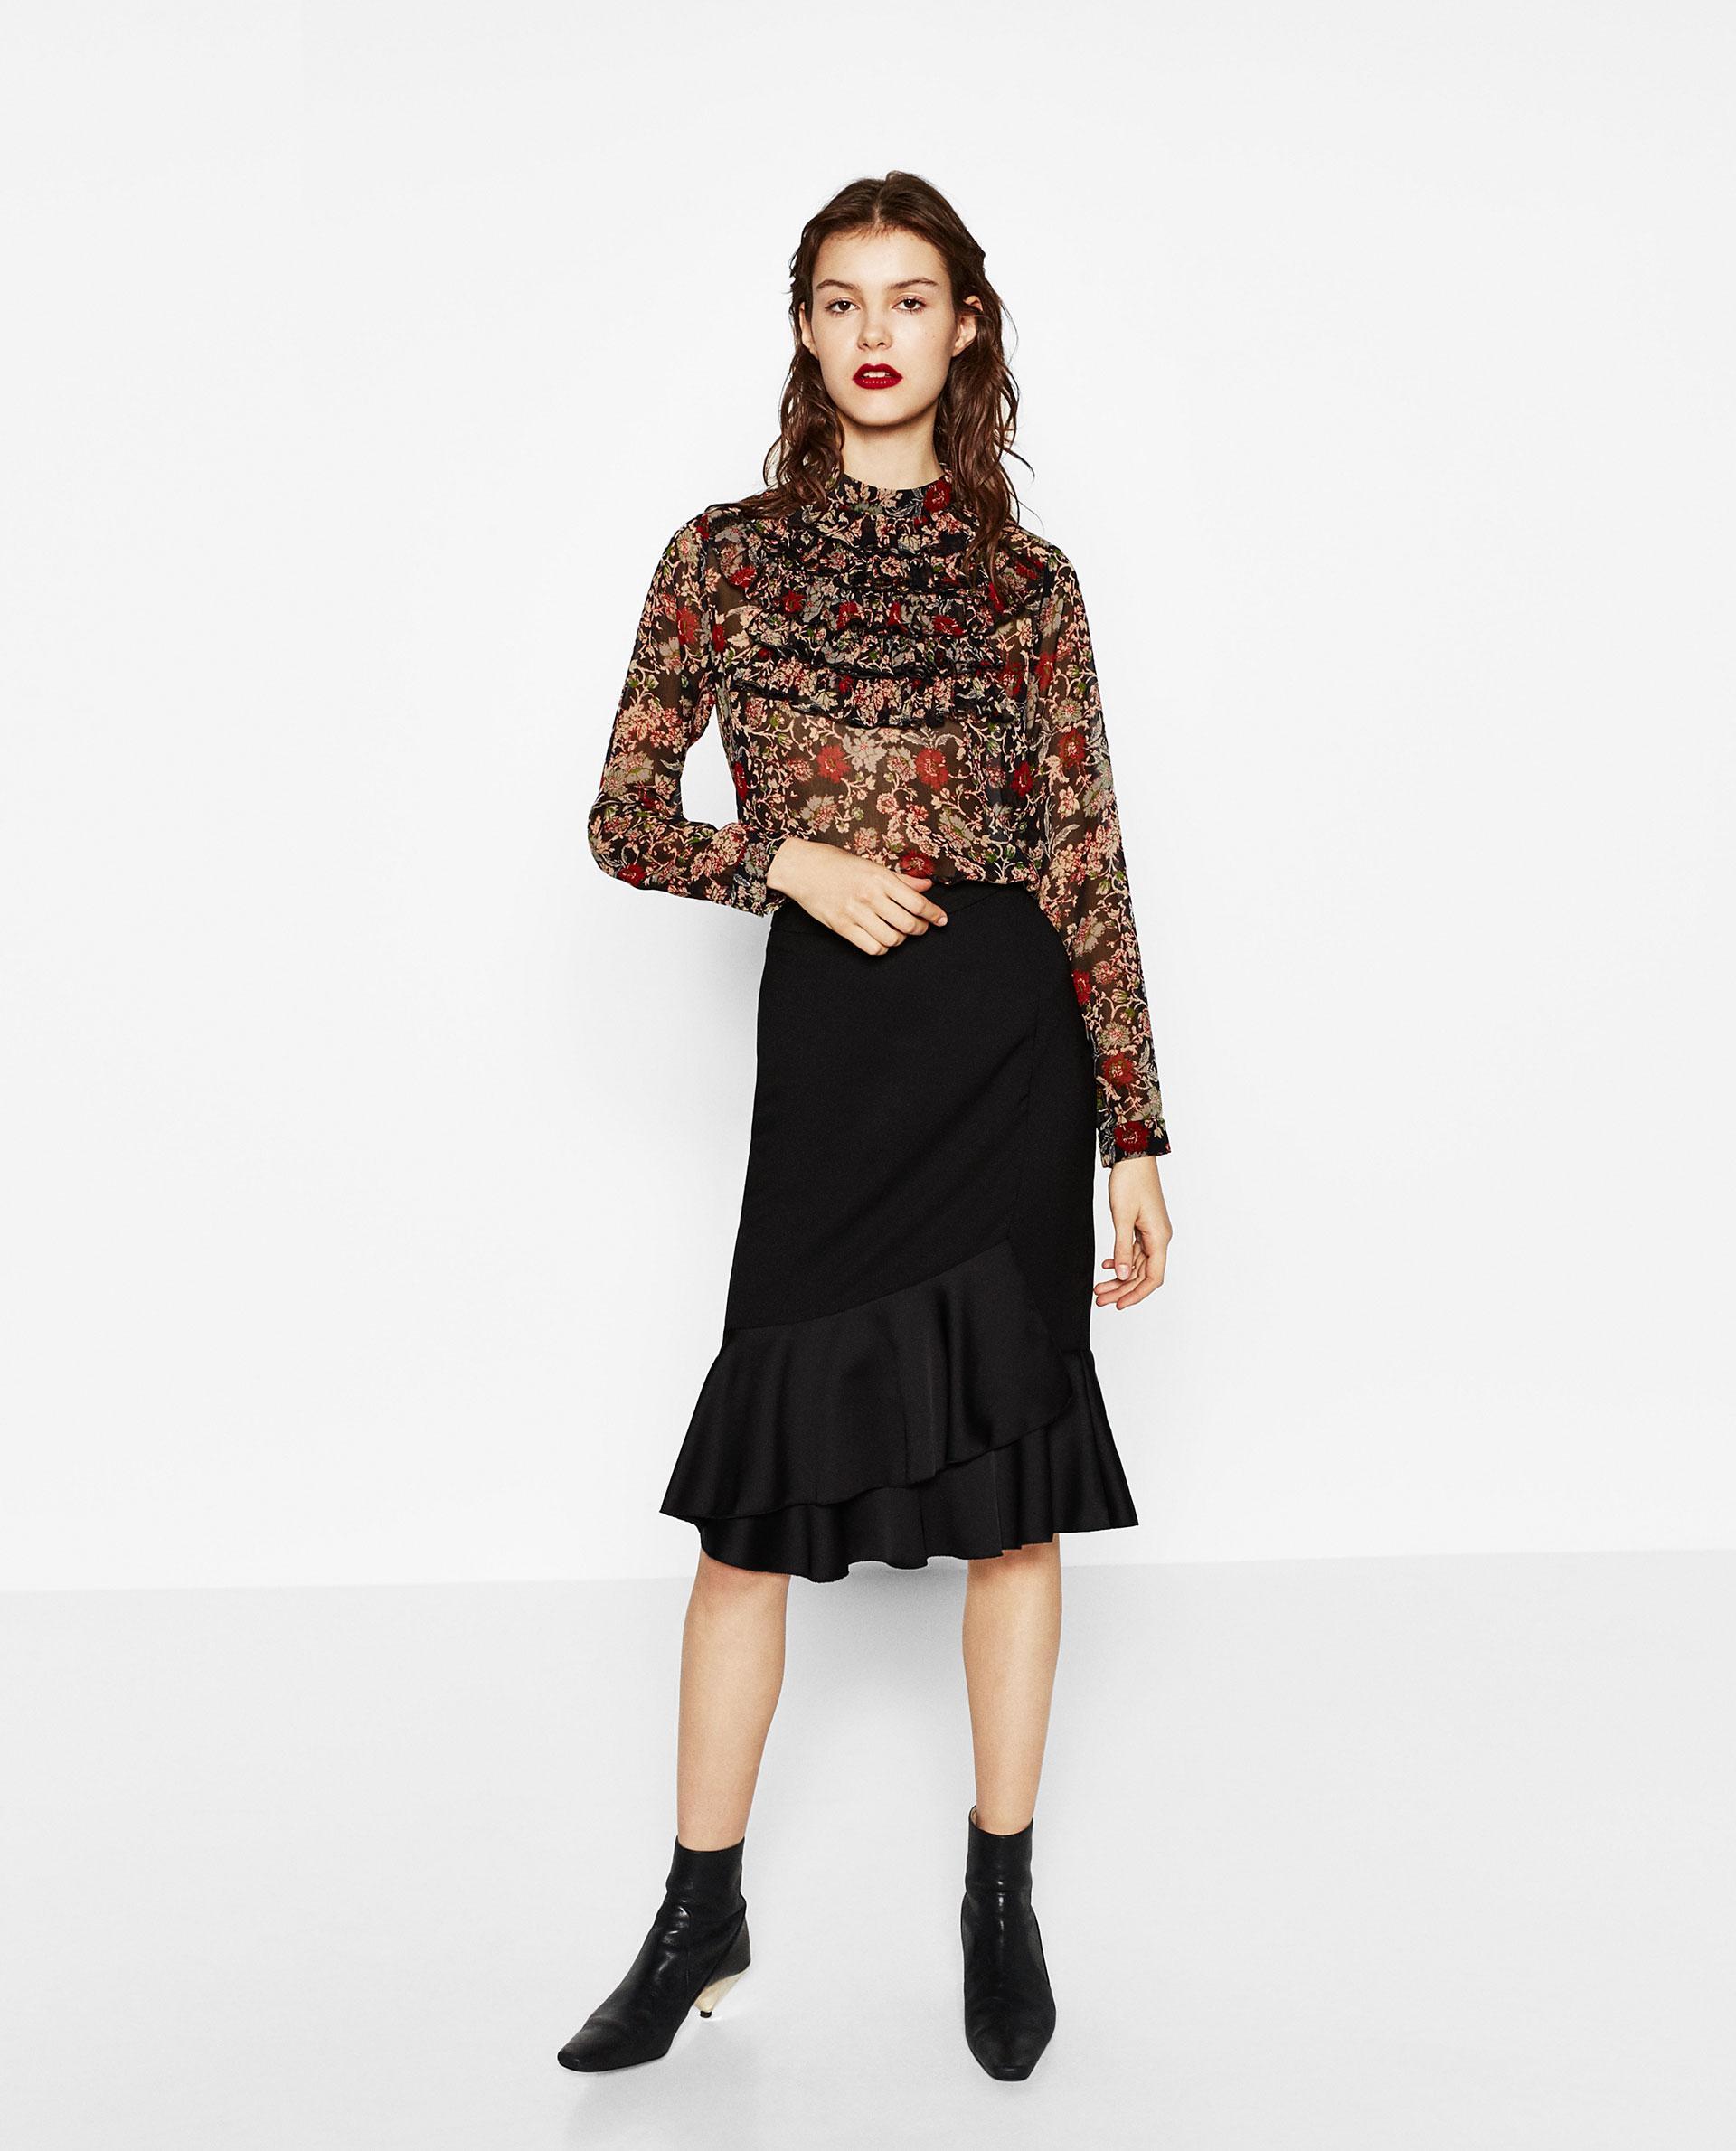 Zara Blouse With Transparent Frills 62